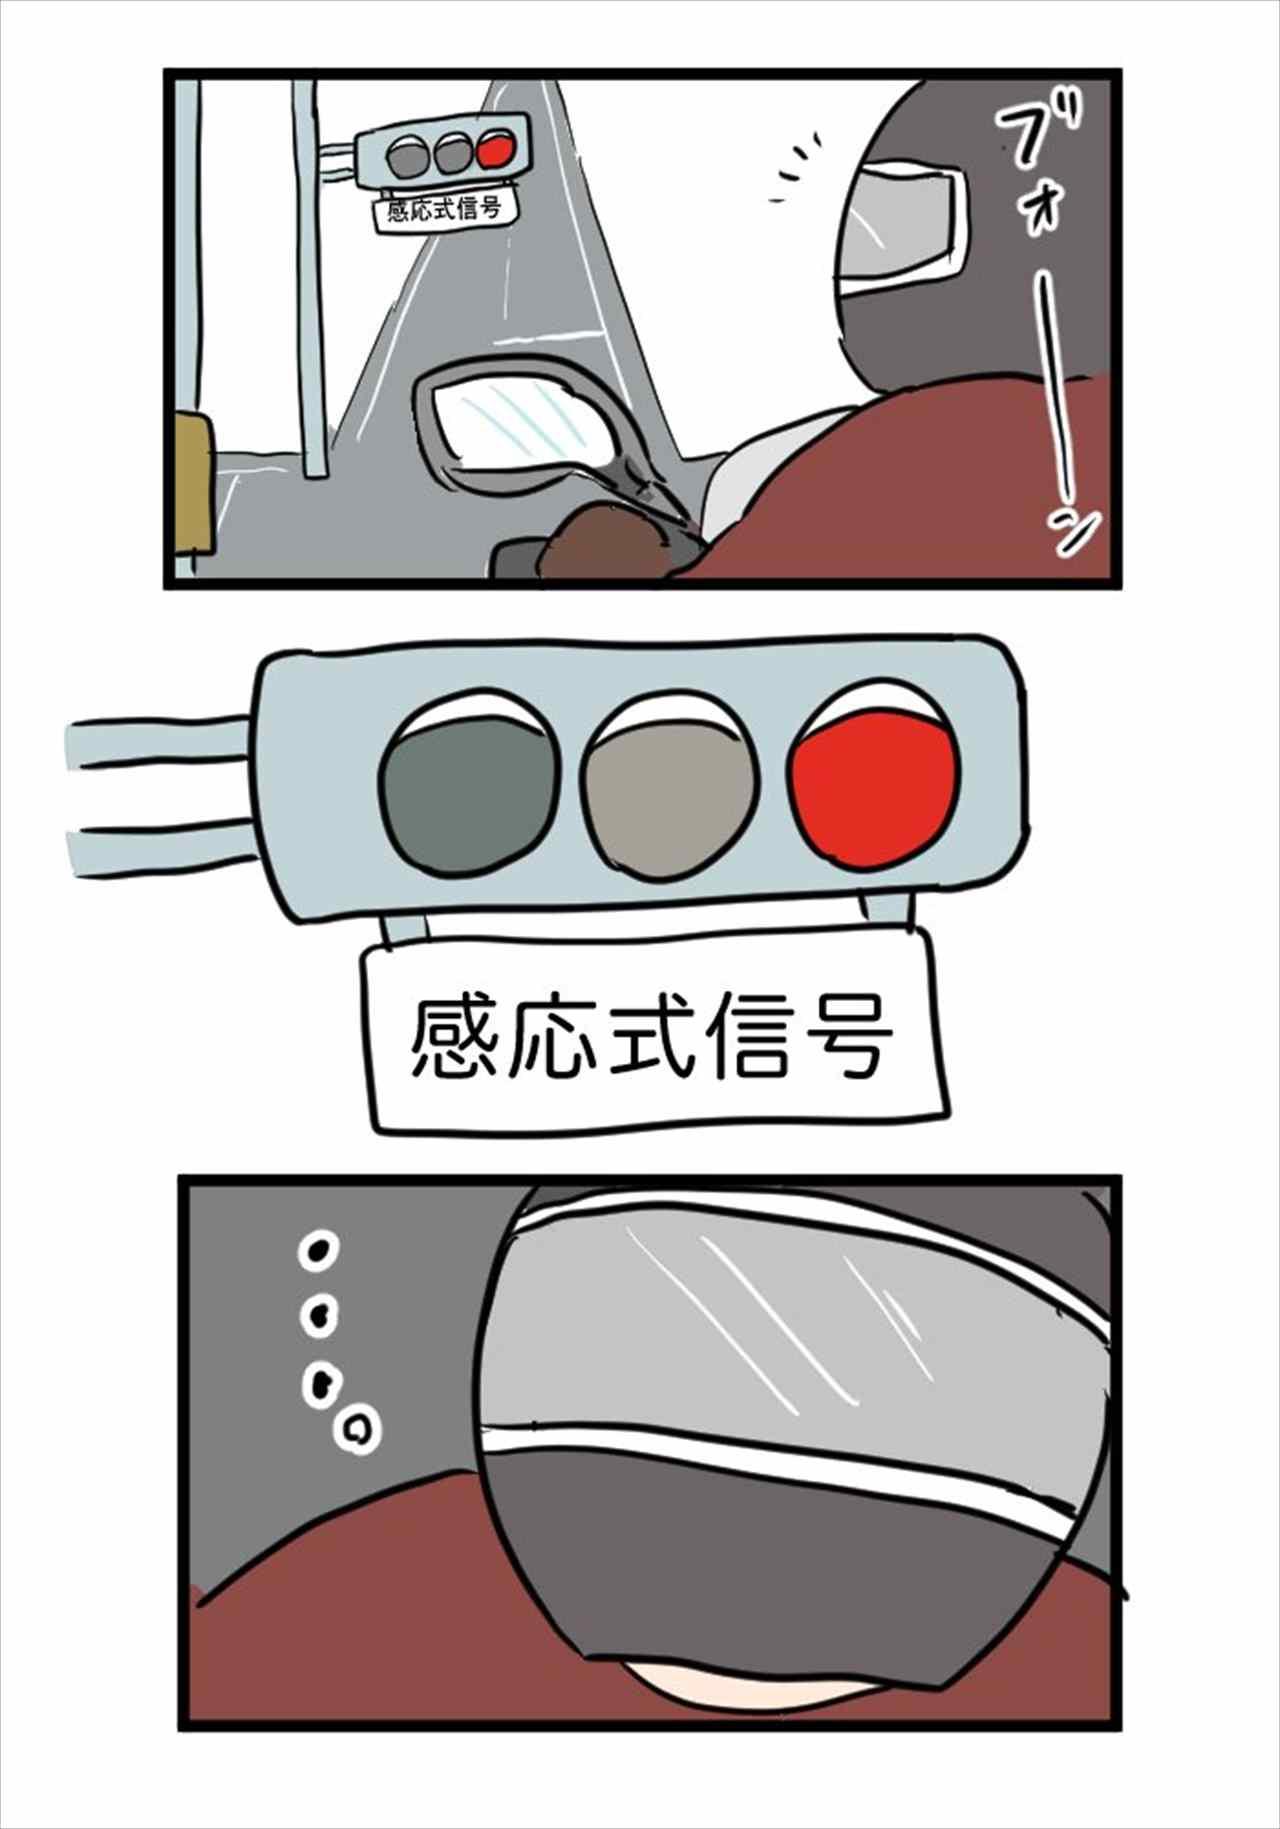 """「感応式信号機」という田舎道に潜む罠・・・バイク乗り""""あるある""""を描いた漫画に反響"""